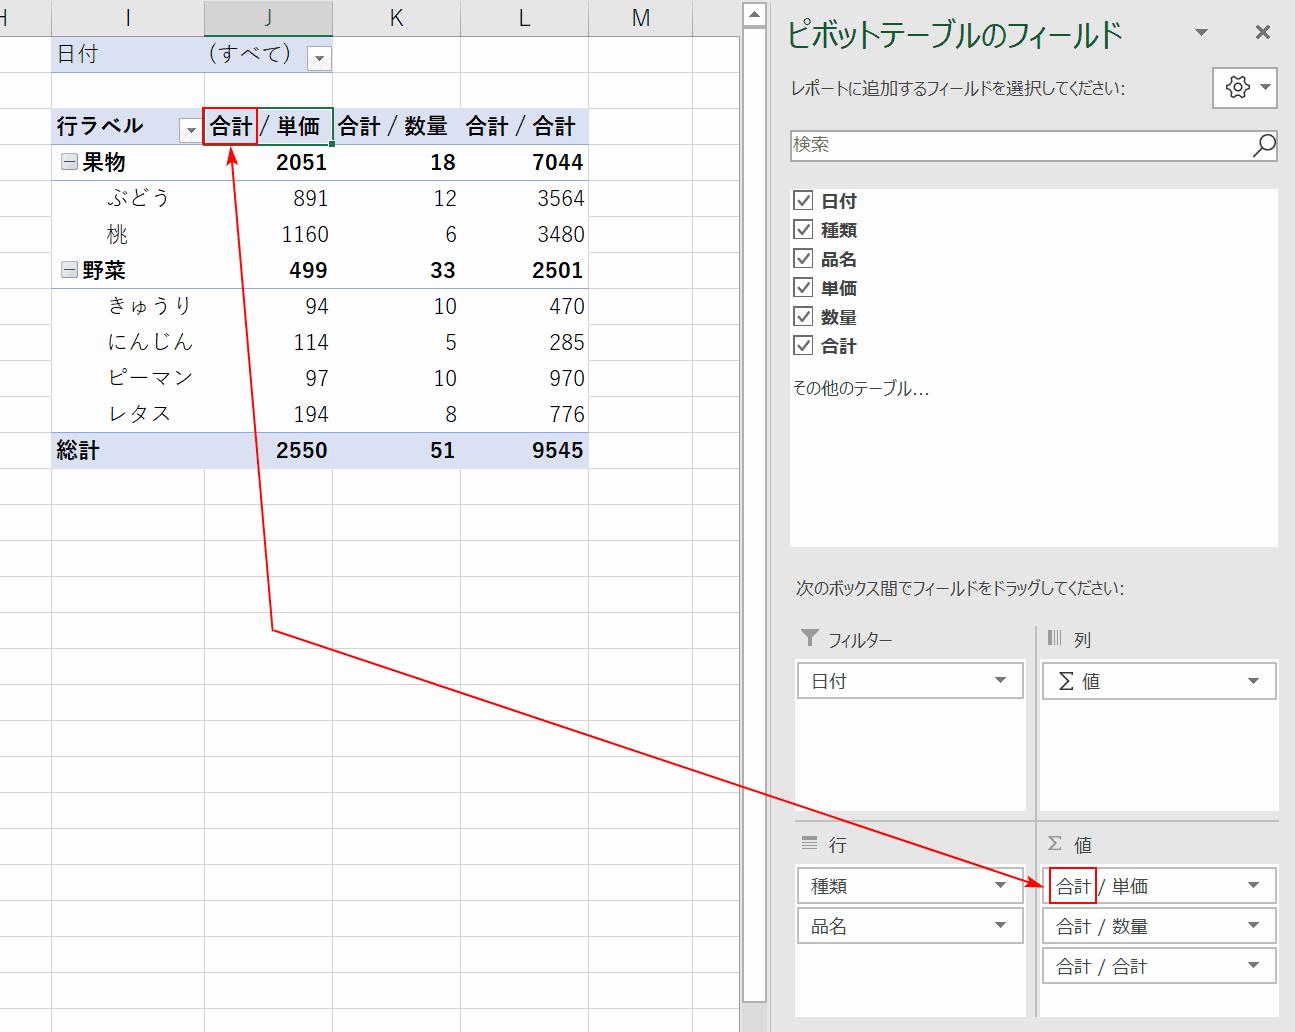 データの個数に切り替える前